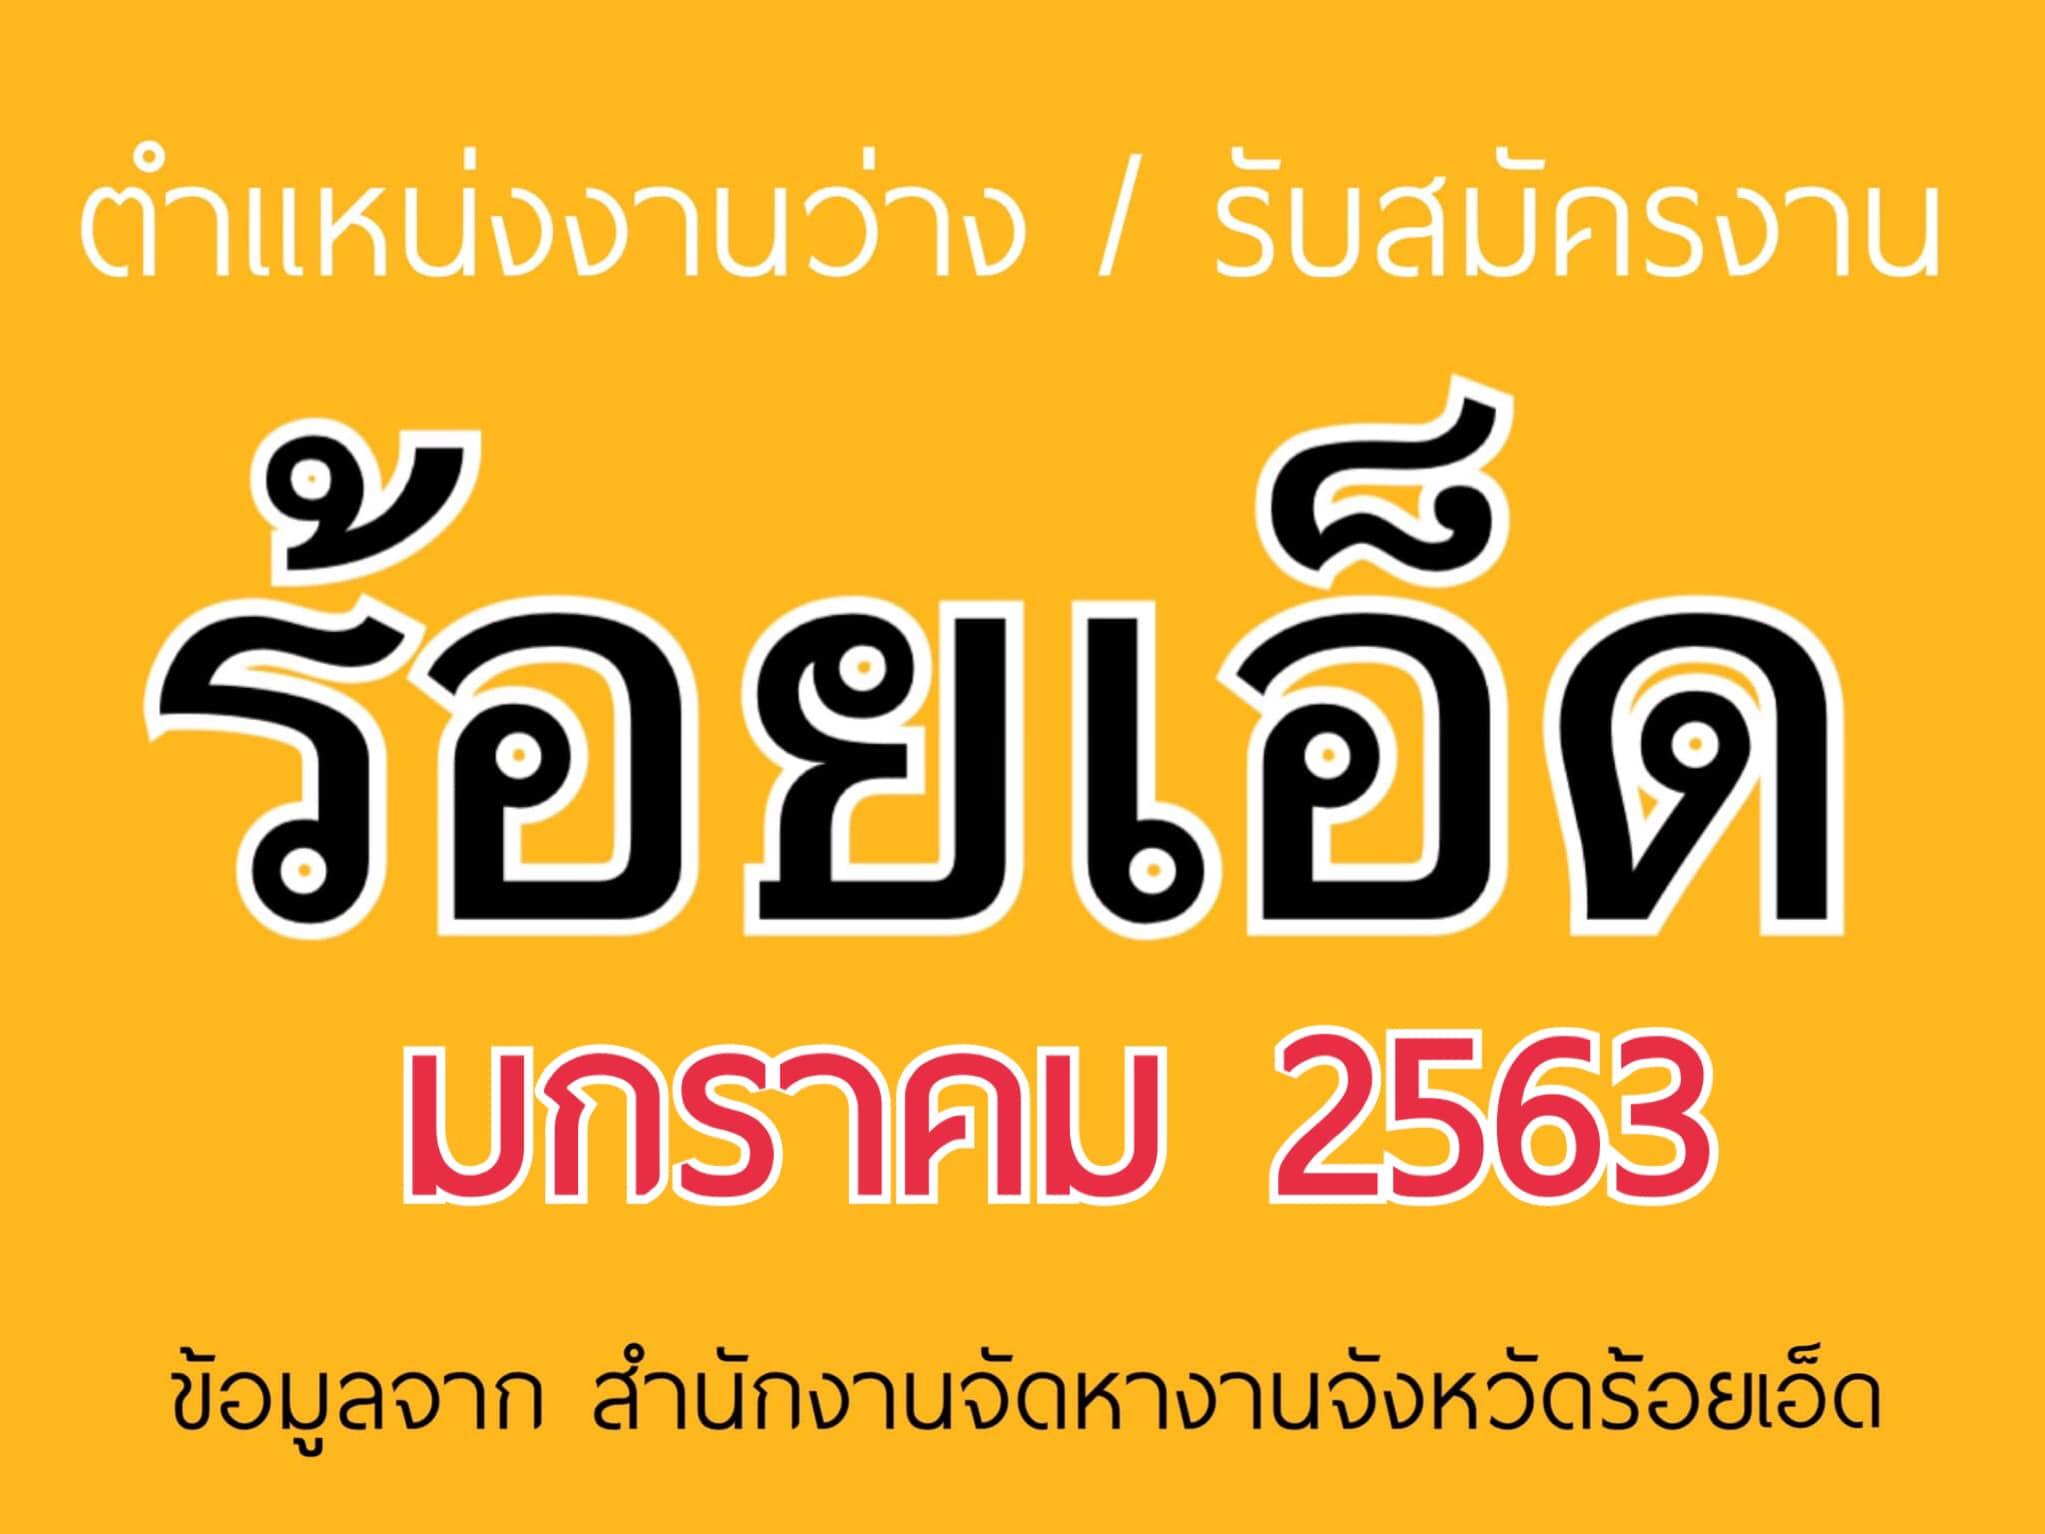 ตำแหน่งงานว่าง จังหวัดร้อยเอ็ด เดือนมกราคม 2563 (จำนวน 240 ตำแหน่ง) - สำนักงานจัดหางานร้อยเอ็ด